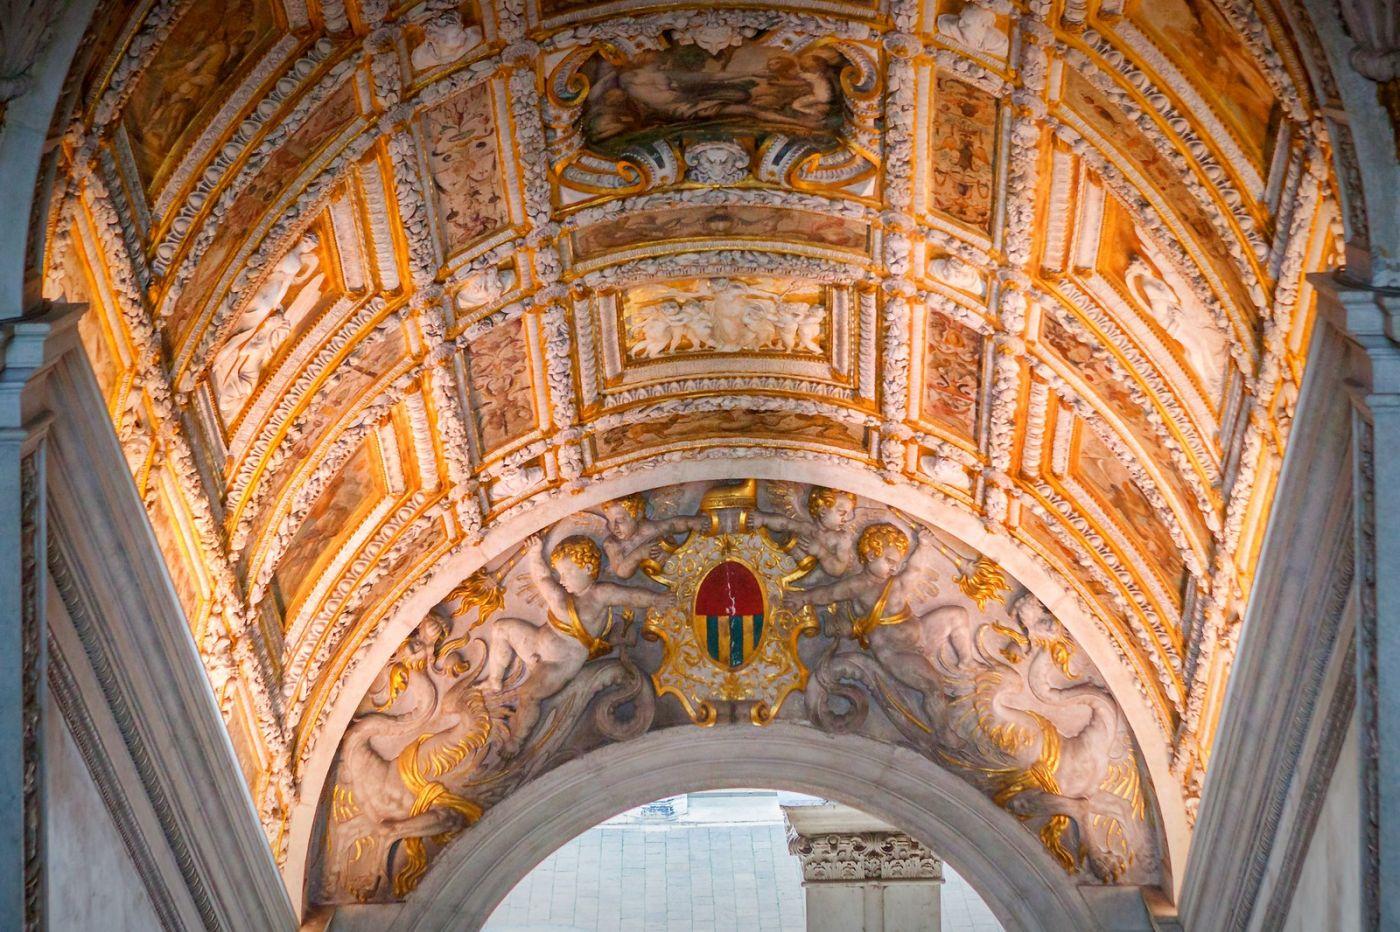 威尼斯圣马可大教堂(St Mark's Basilica), 精雕细琢的顶设_图1-34